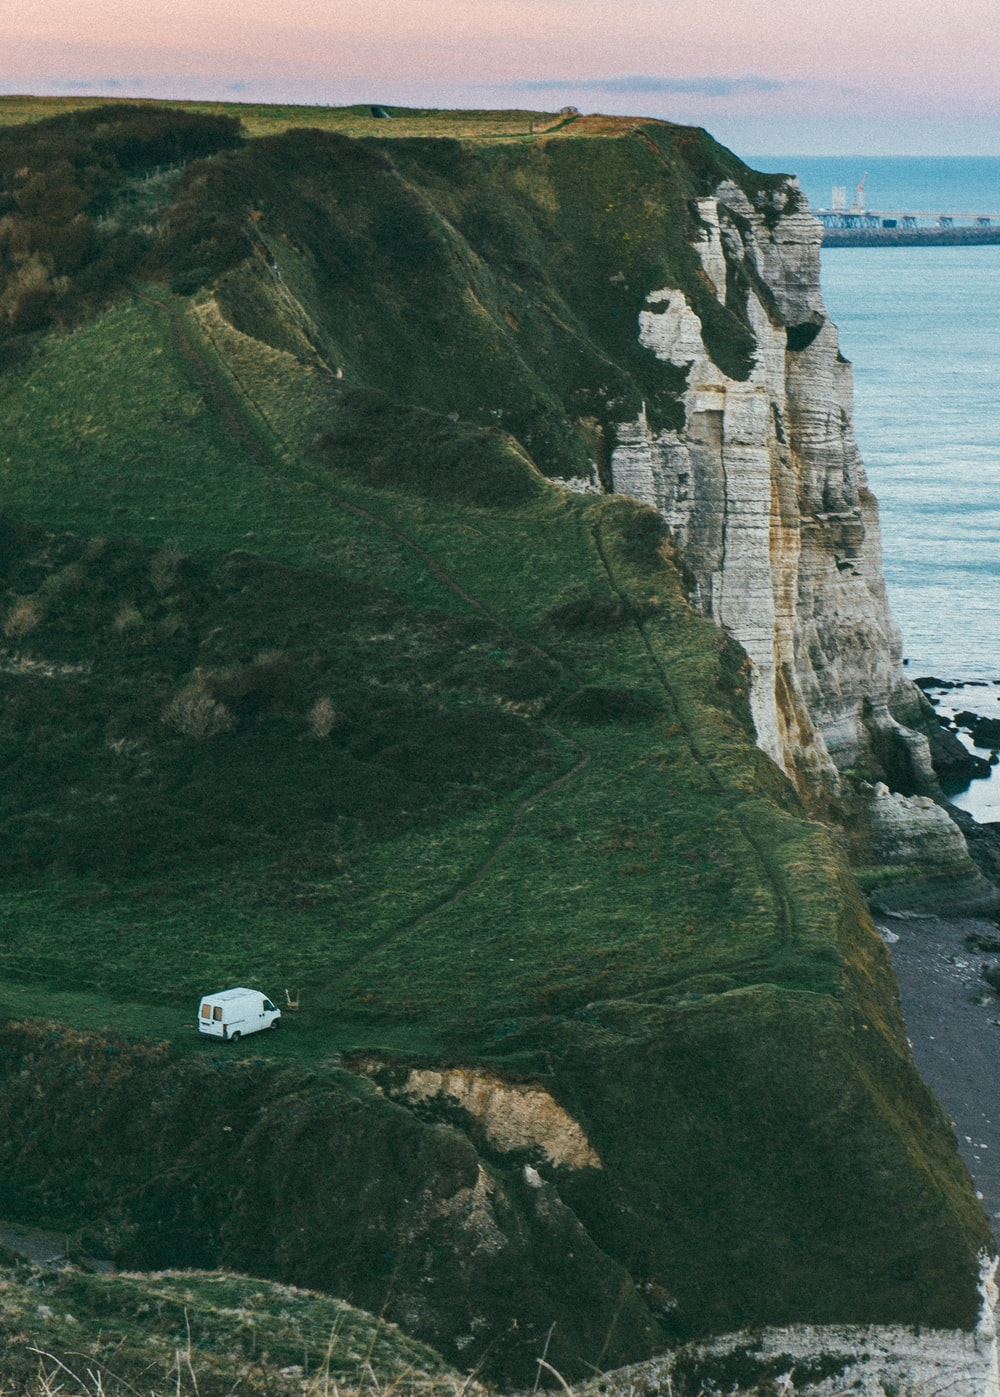 white van on mountain